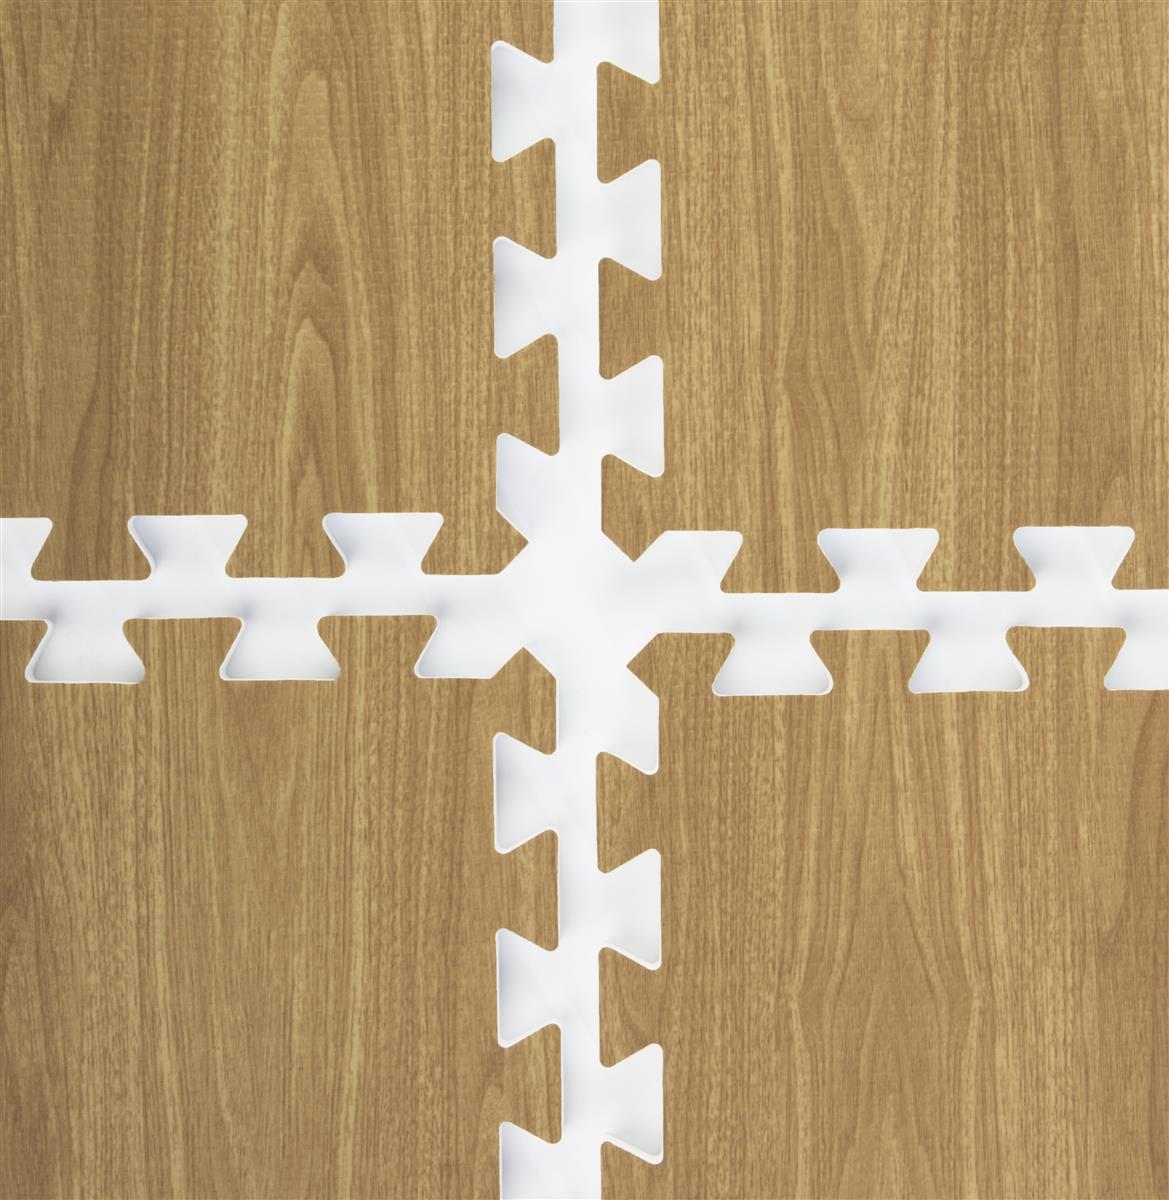 Light Oak Interlocking Wood Floor Mats 10 X 10 Exhibit Floor